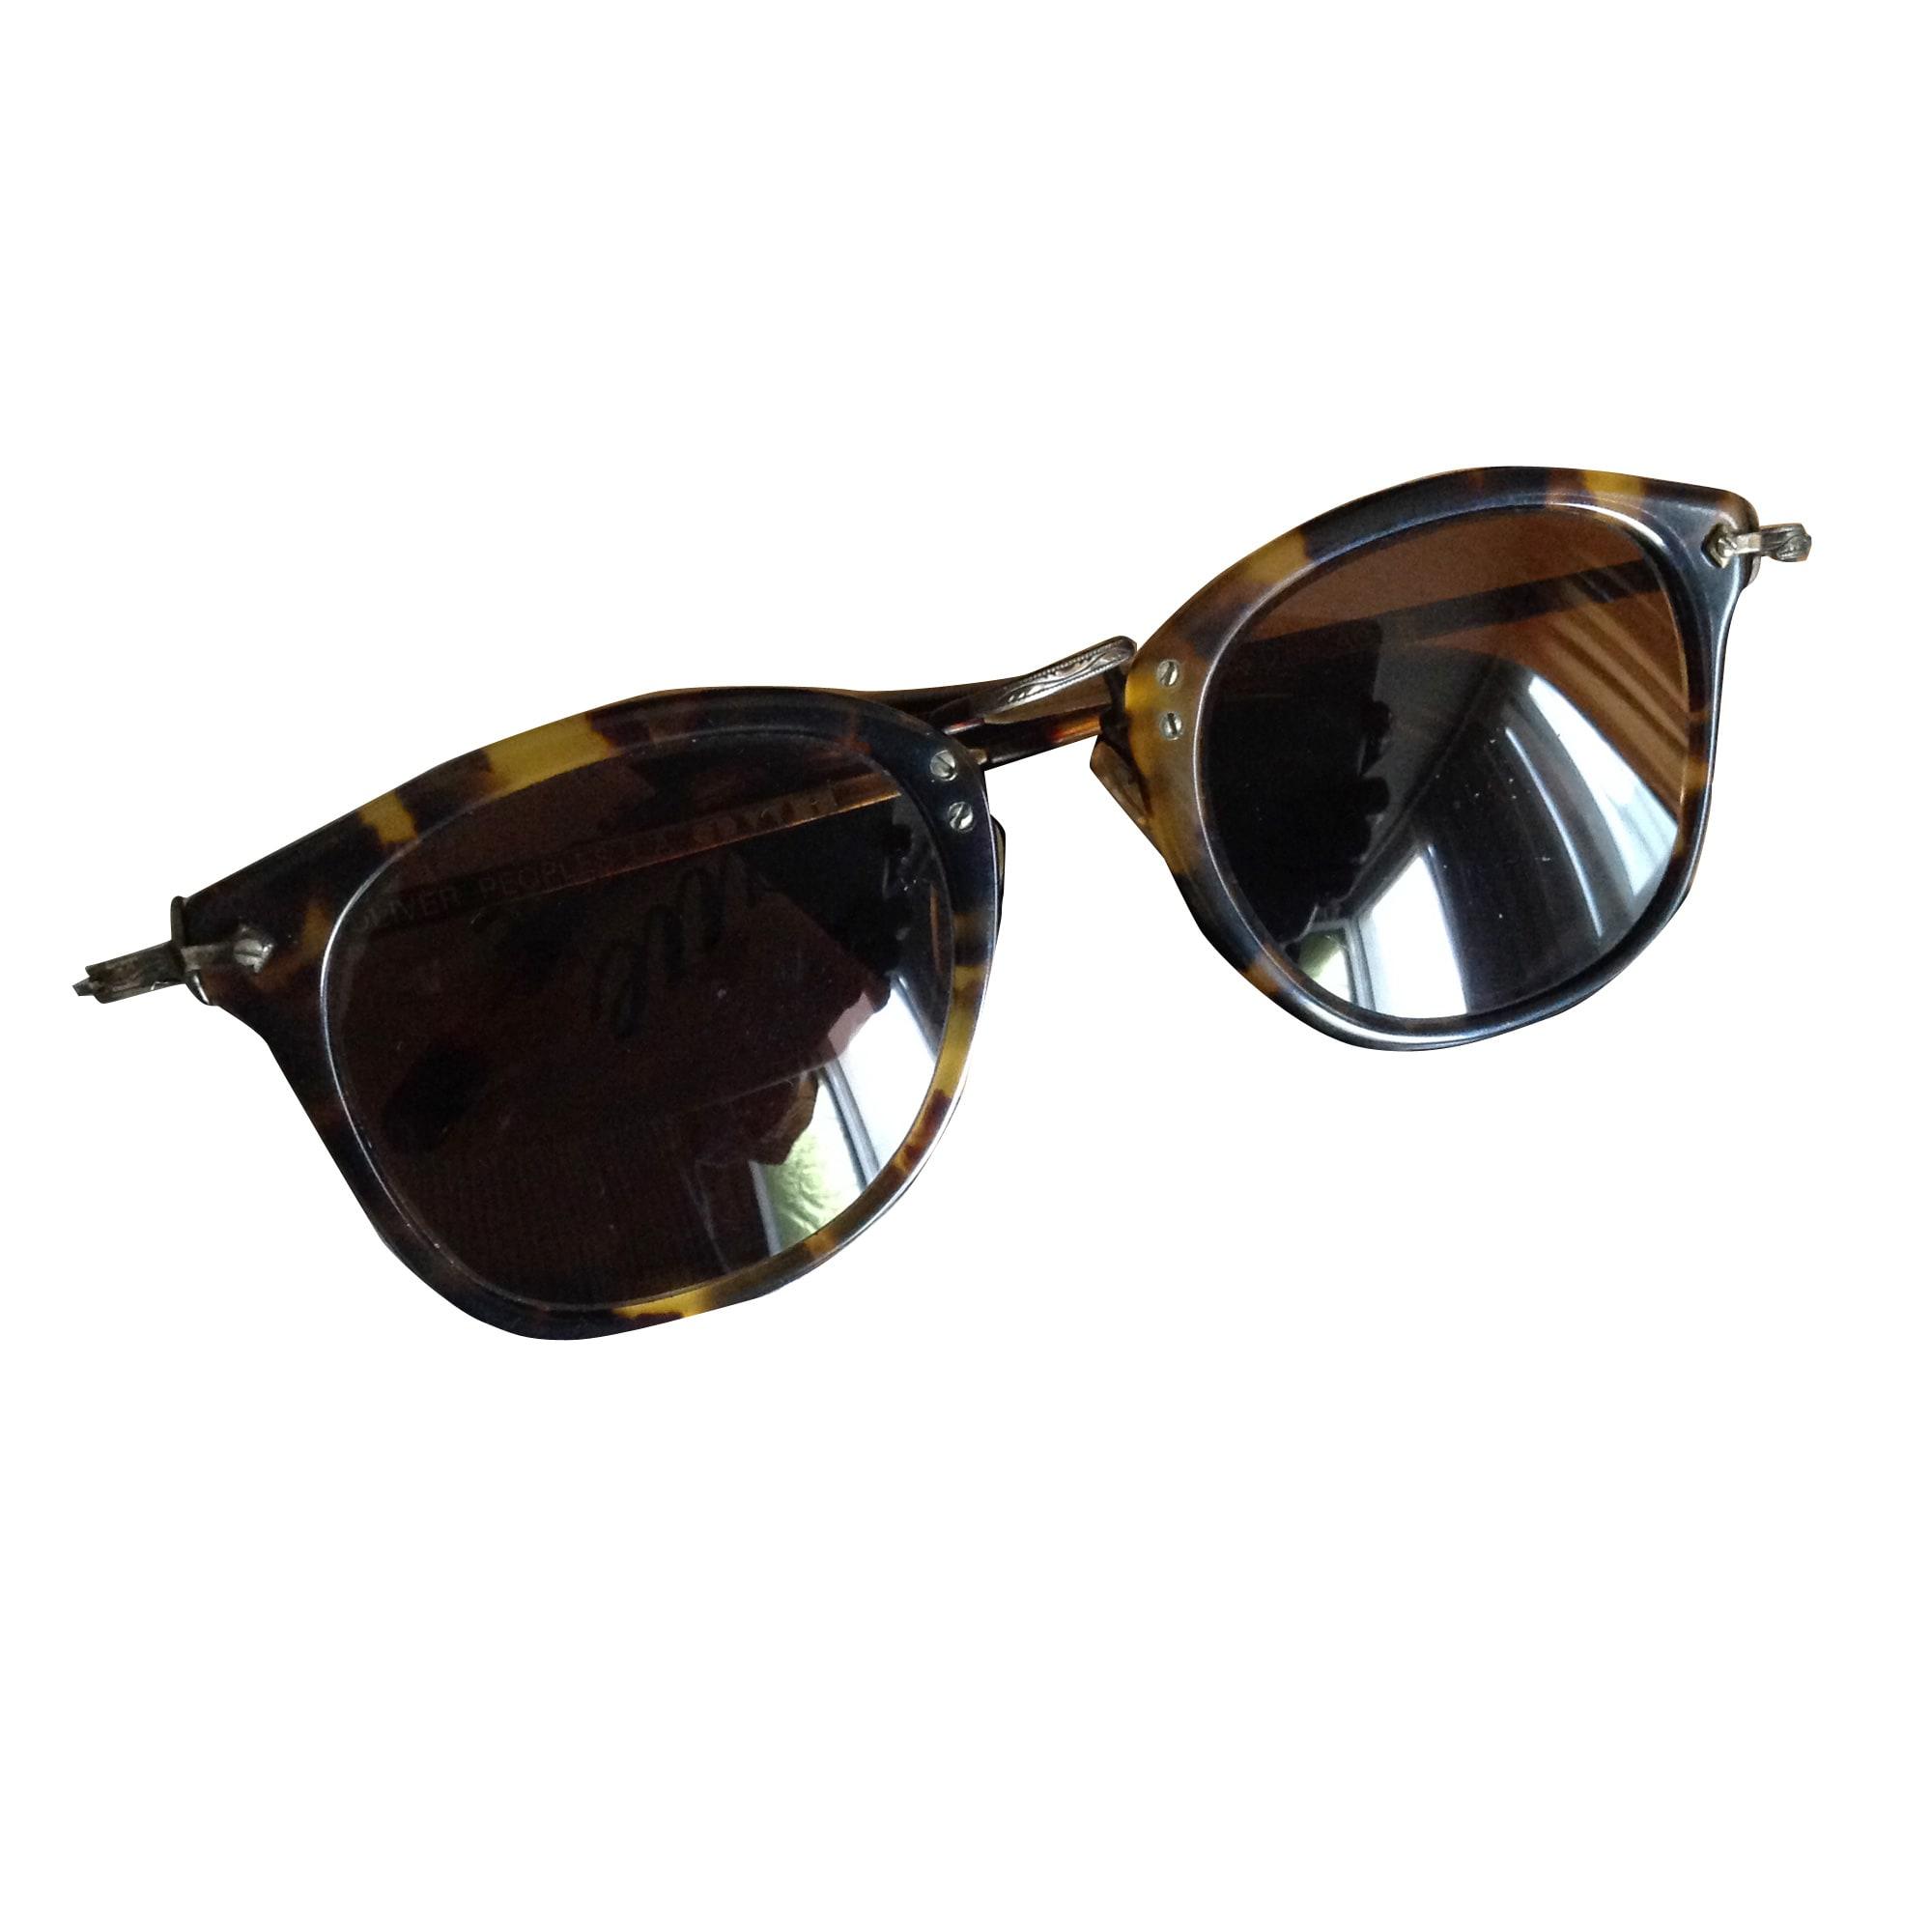 20666047d76451 Monture de lunettes OLIVER PEOPLES marron - 5217427